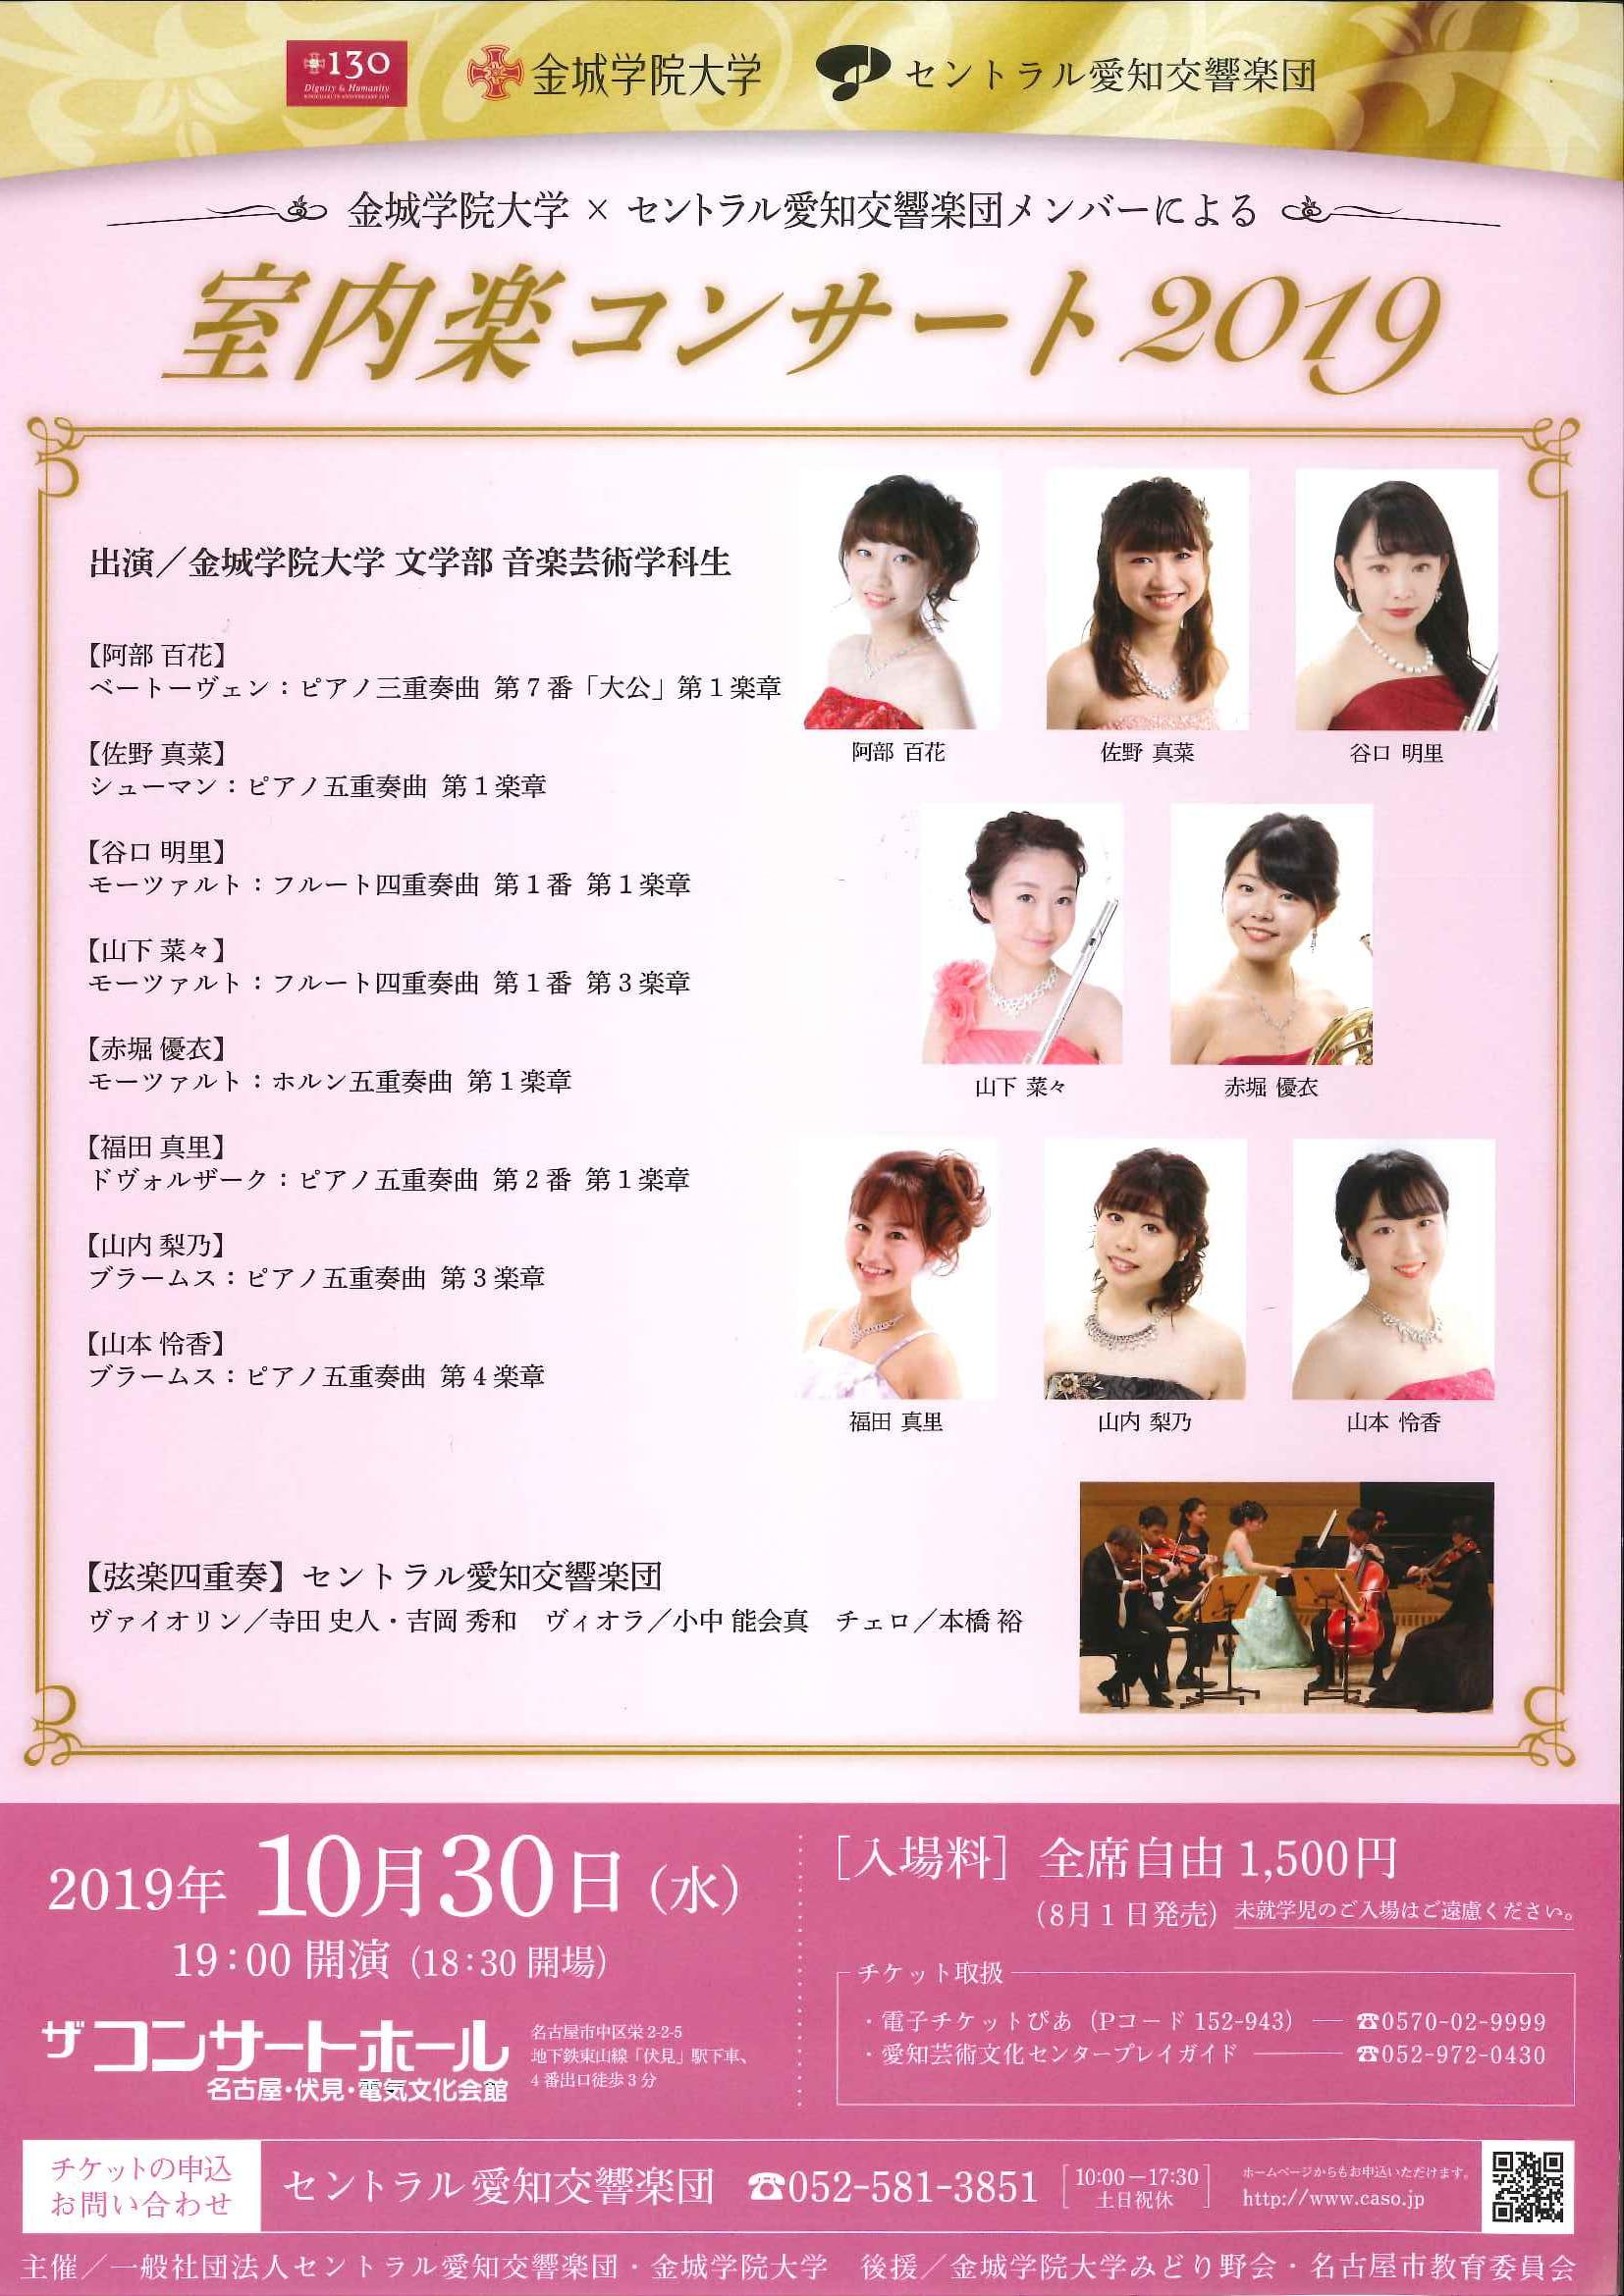 金城学院大学×セントラル愛知交響楽団メンバーによる室内楽コンサート2019